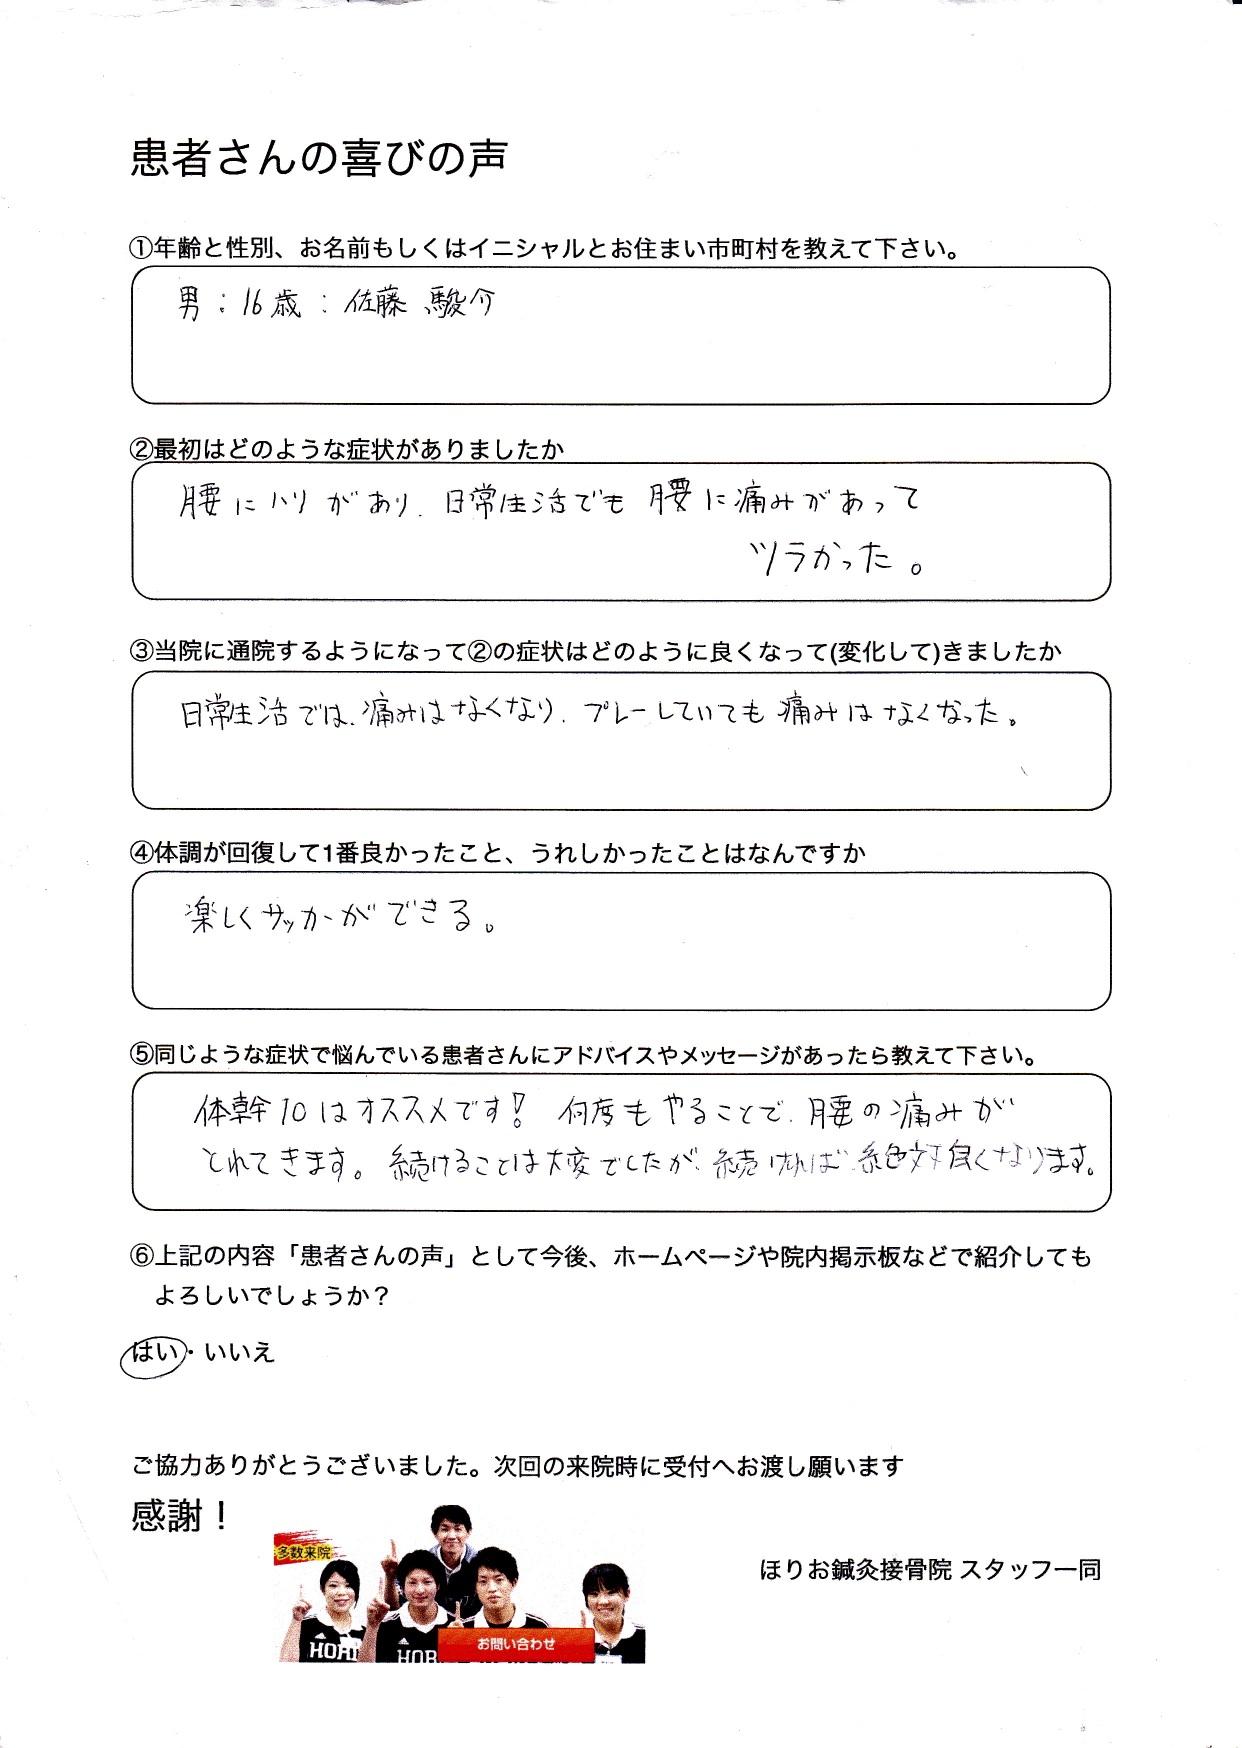 satousyunnsuke.jpg